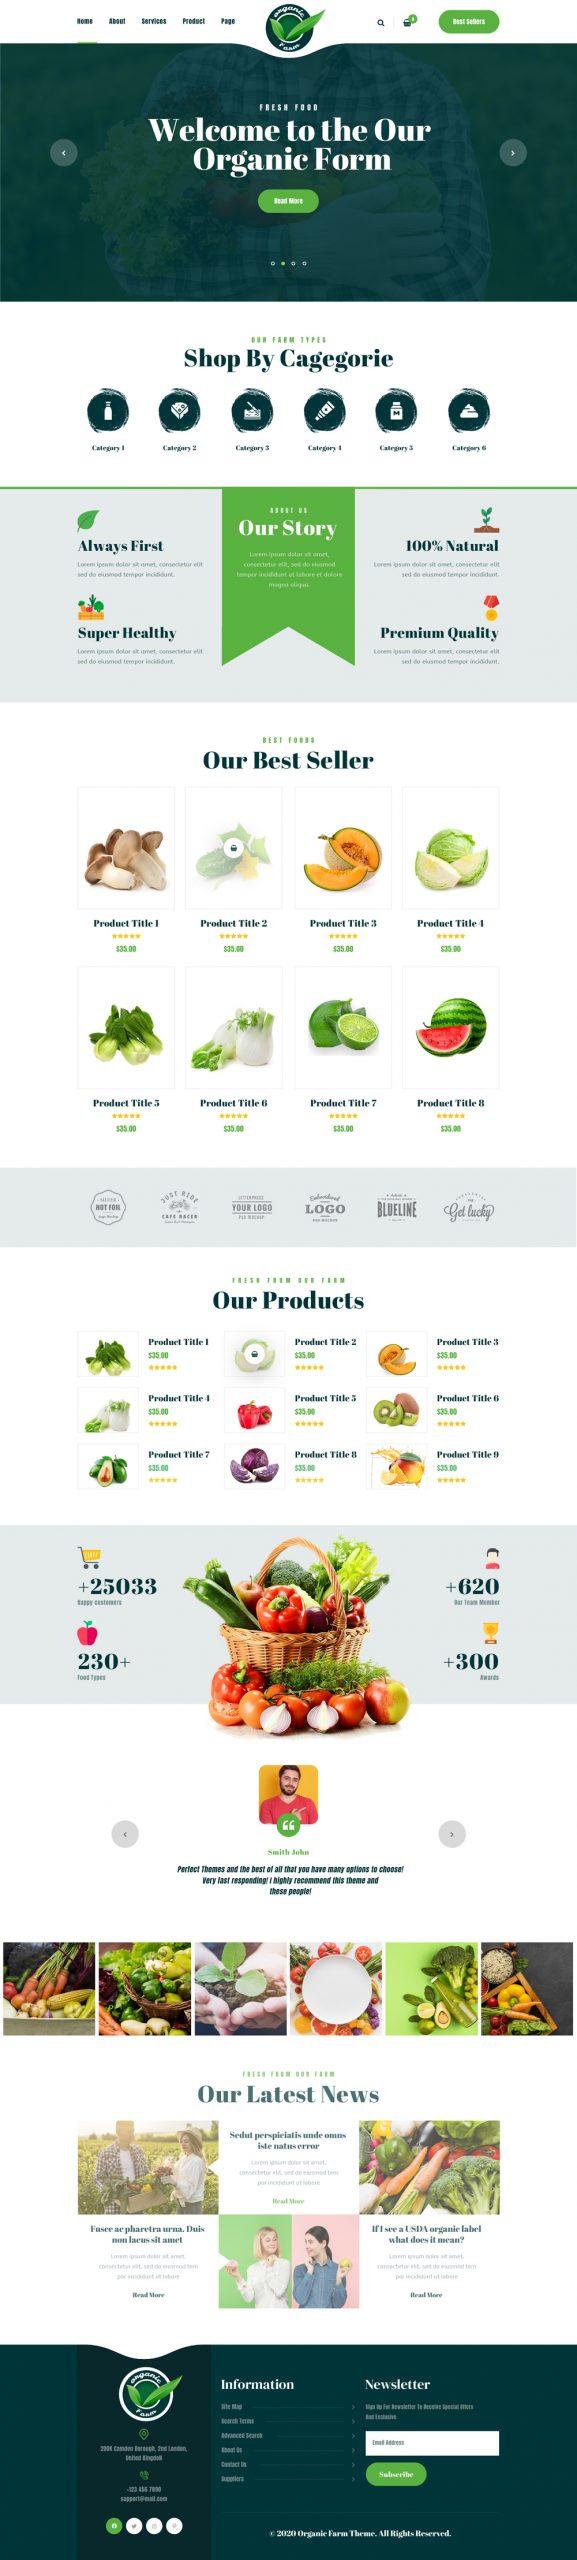 Food Farm WordPress Theme